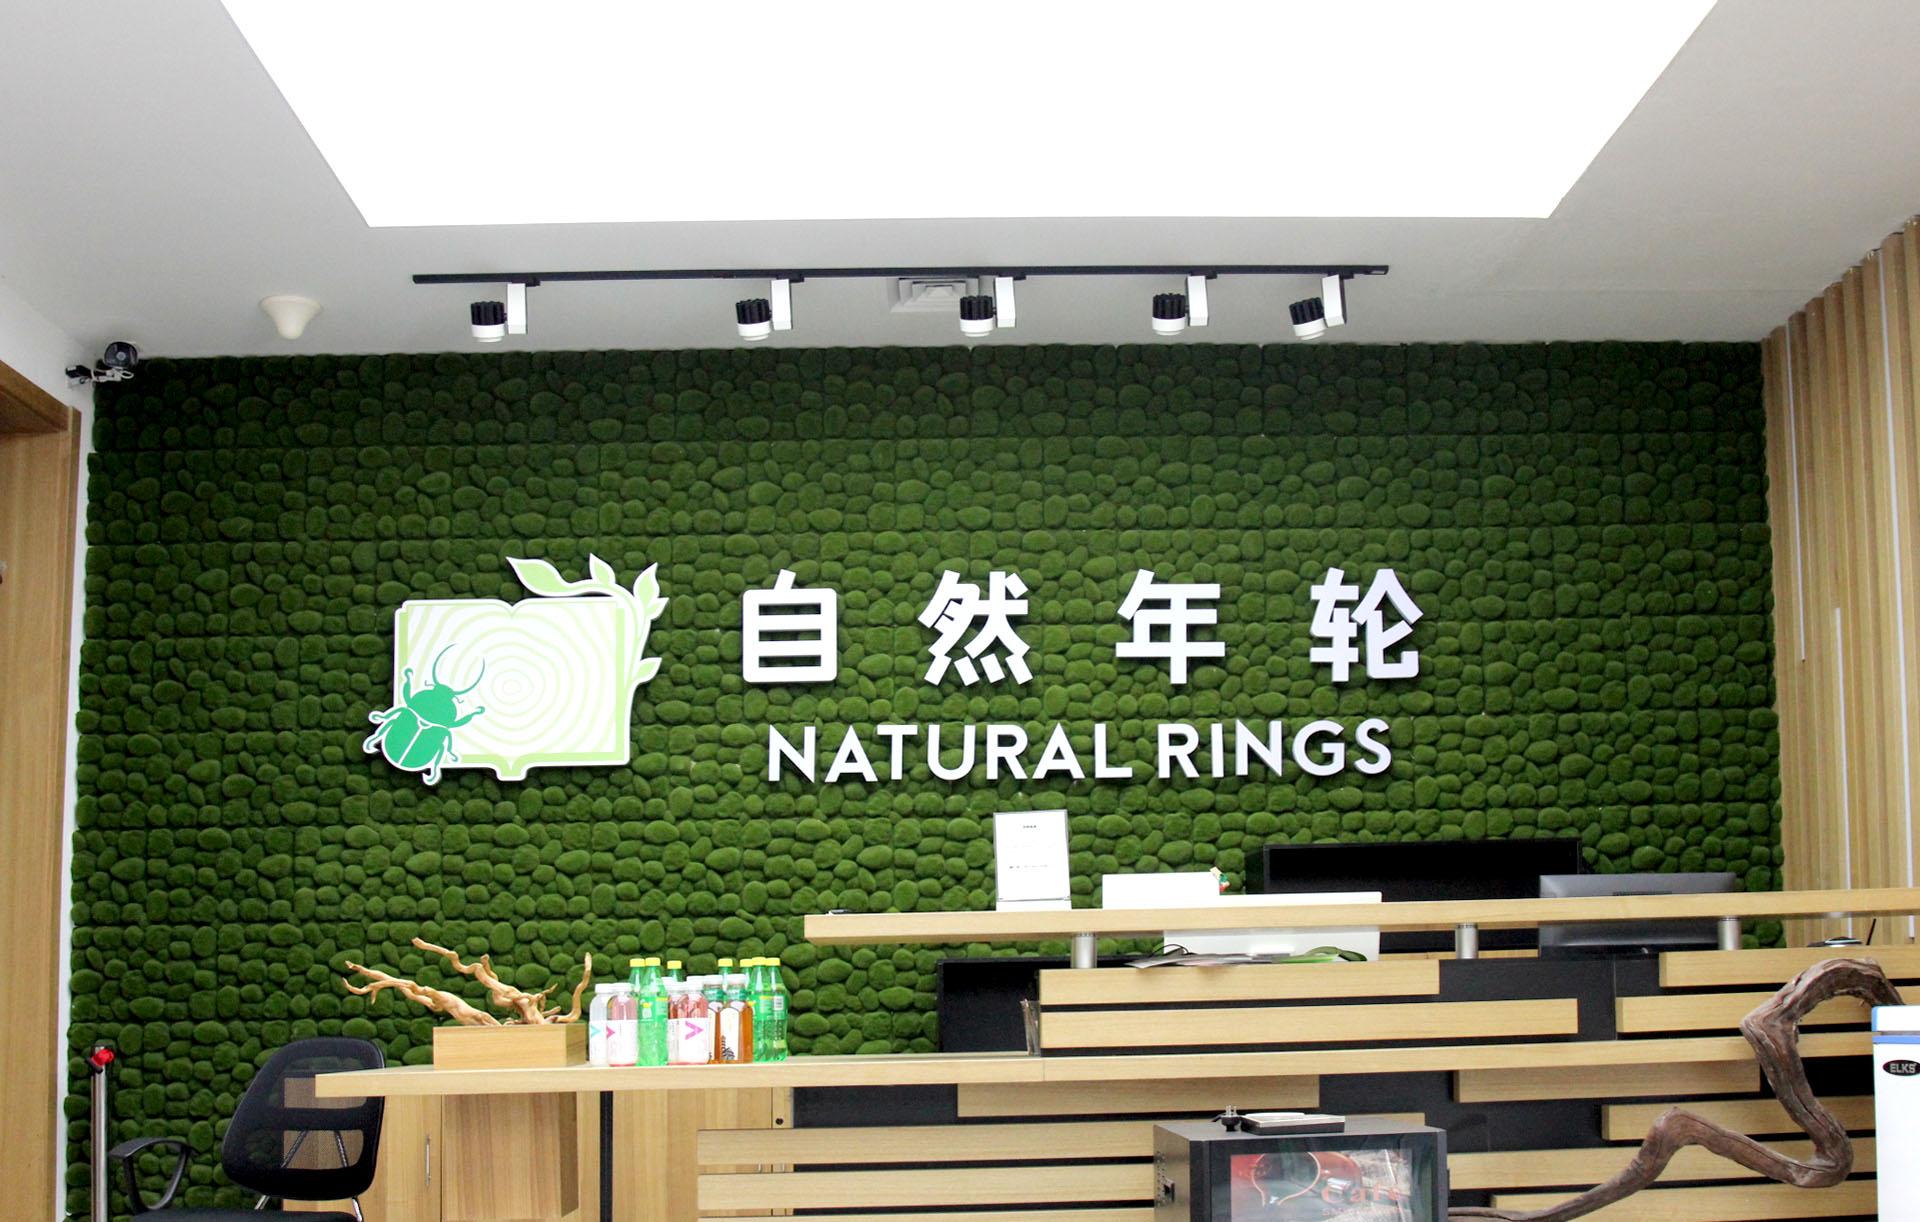 北京自然年轮昆虫馆支付宝小程序上线了,由小泥人负责支付宝小程序搭建及运营.jpg